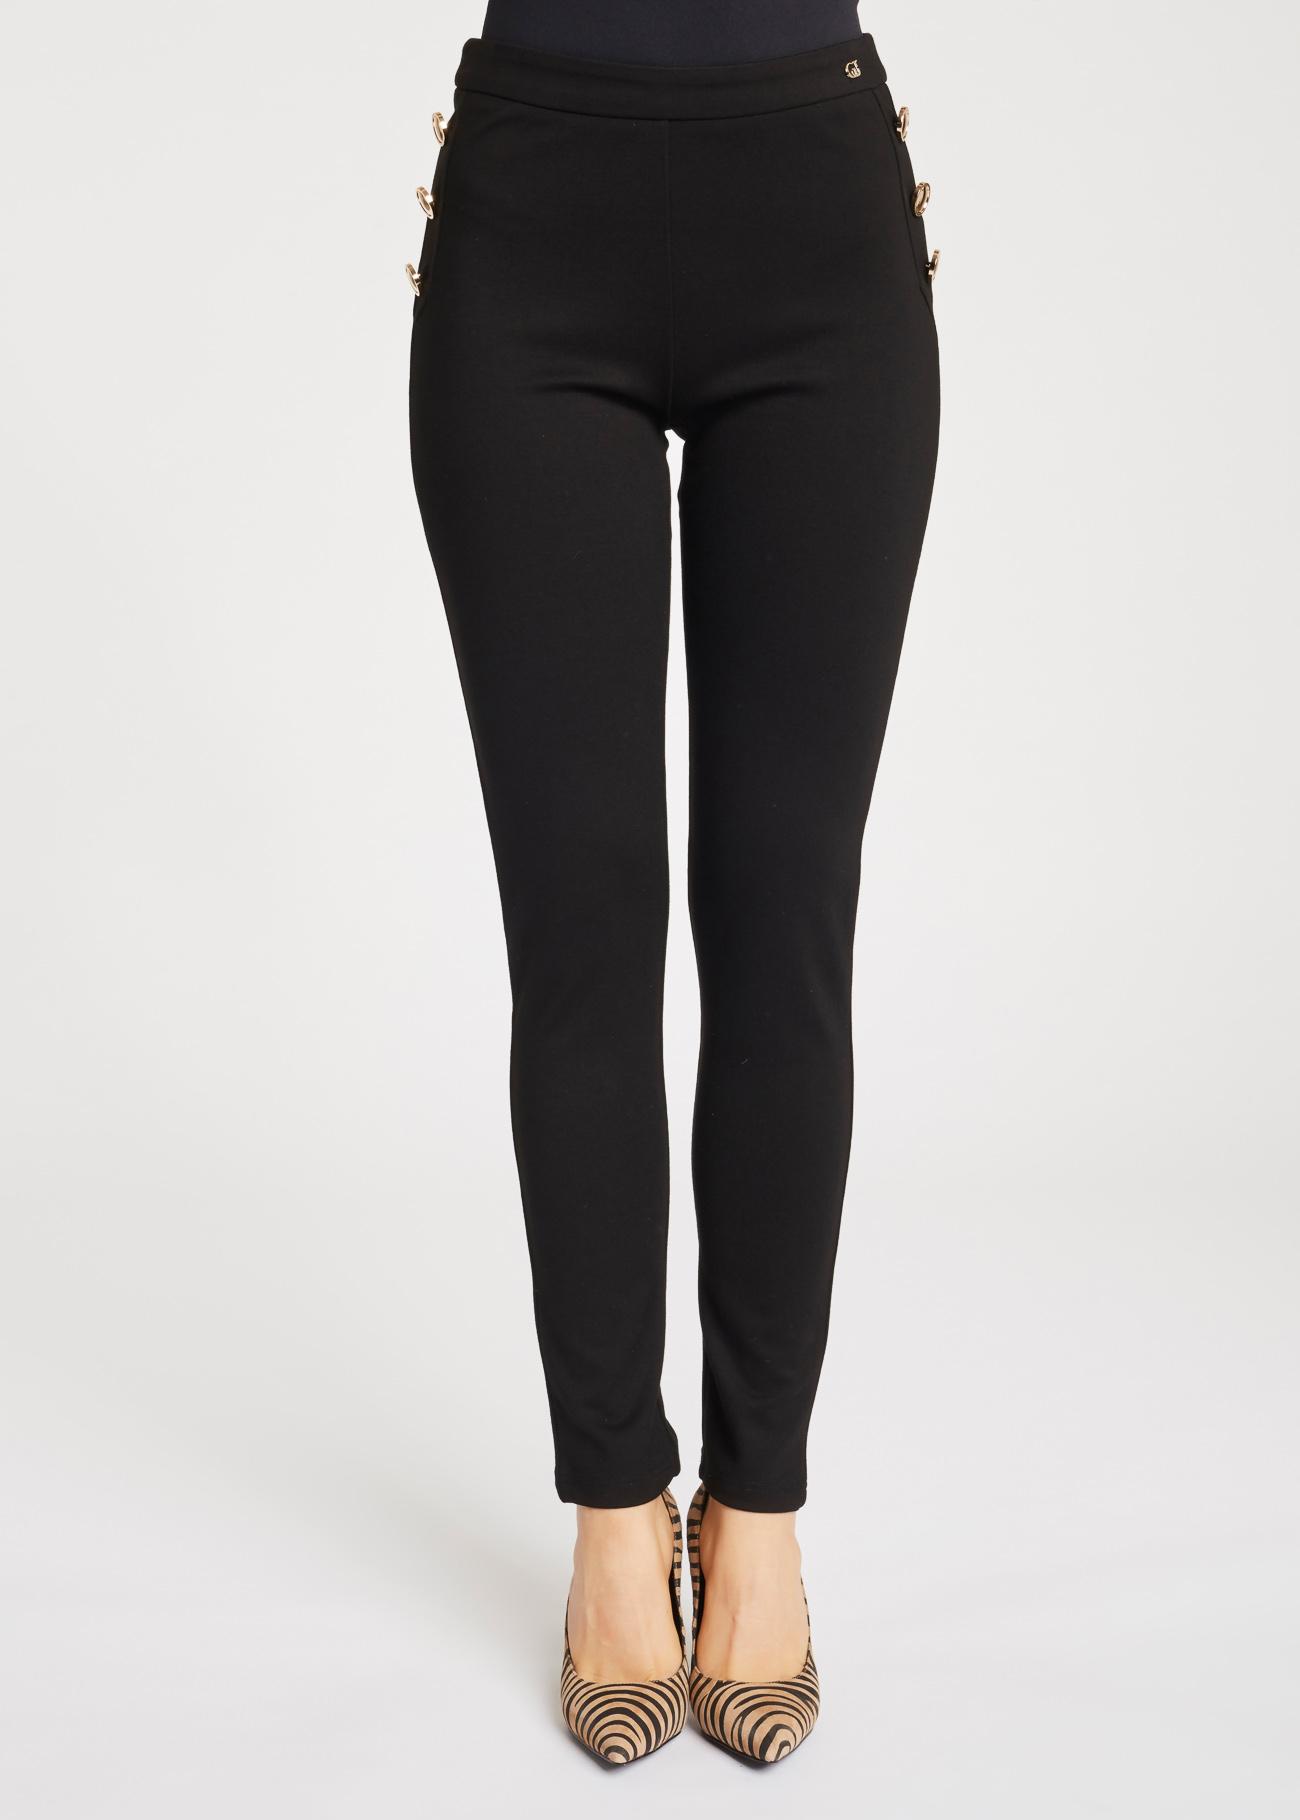 Pantalone effetto leggins Leggins effect trousers GAUDI | Pantaloni | BD240052001